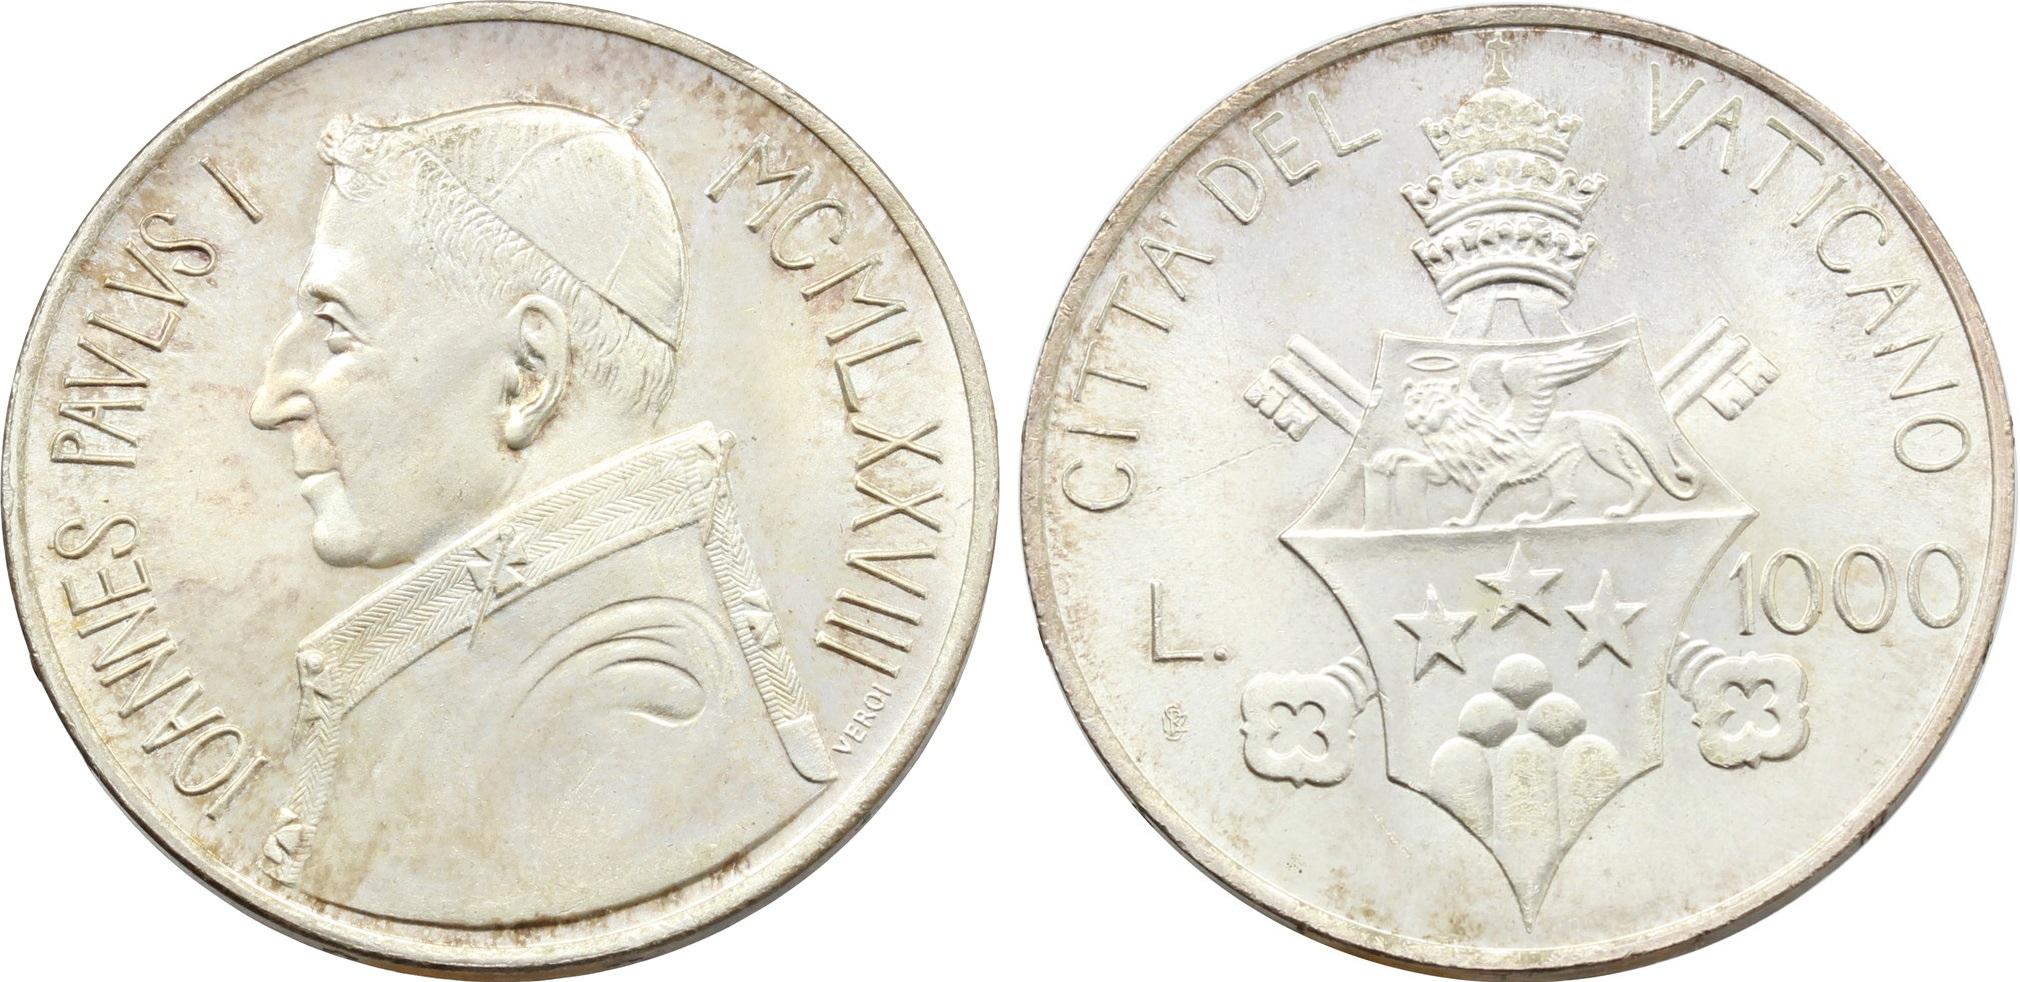 Le 1000 lire in argento che Karol Wojtyla, suo successore, volle per ricordare papa Luciani